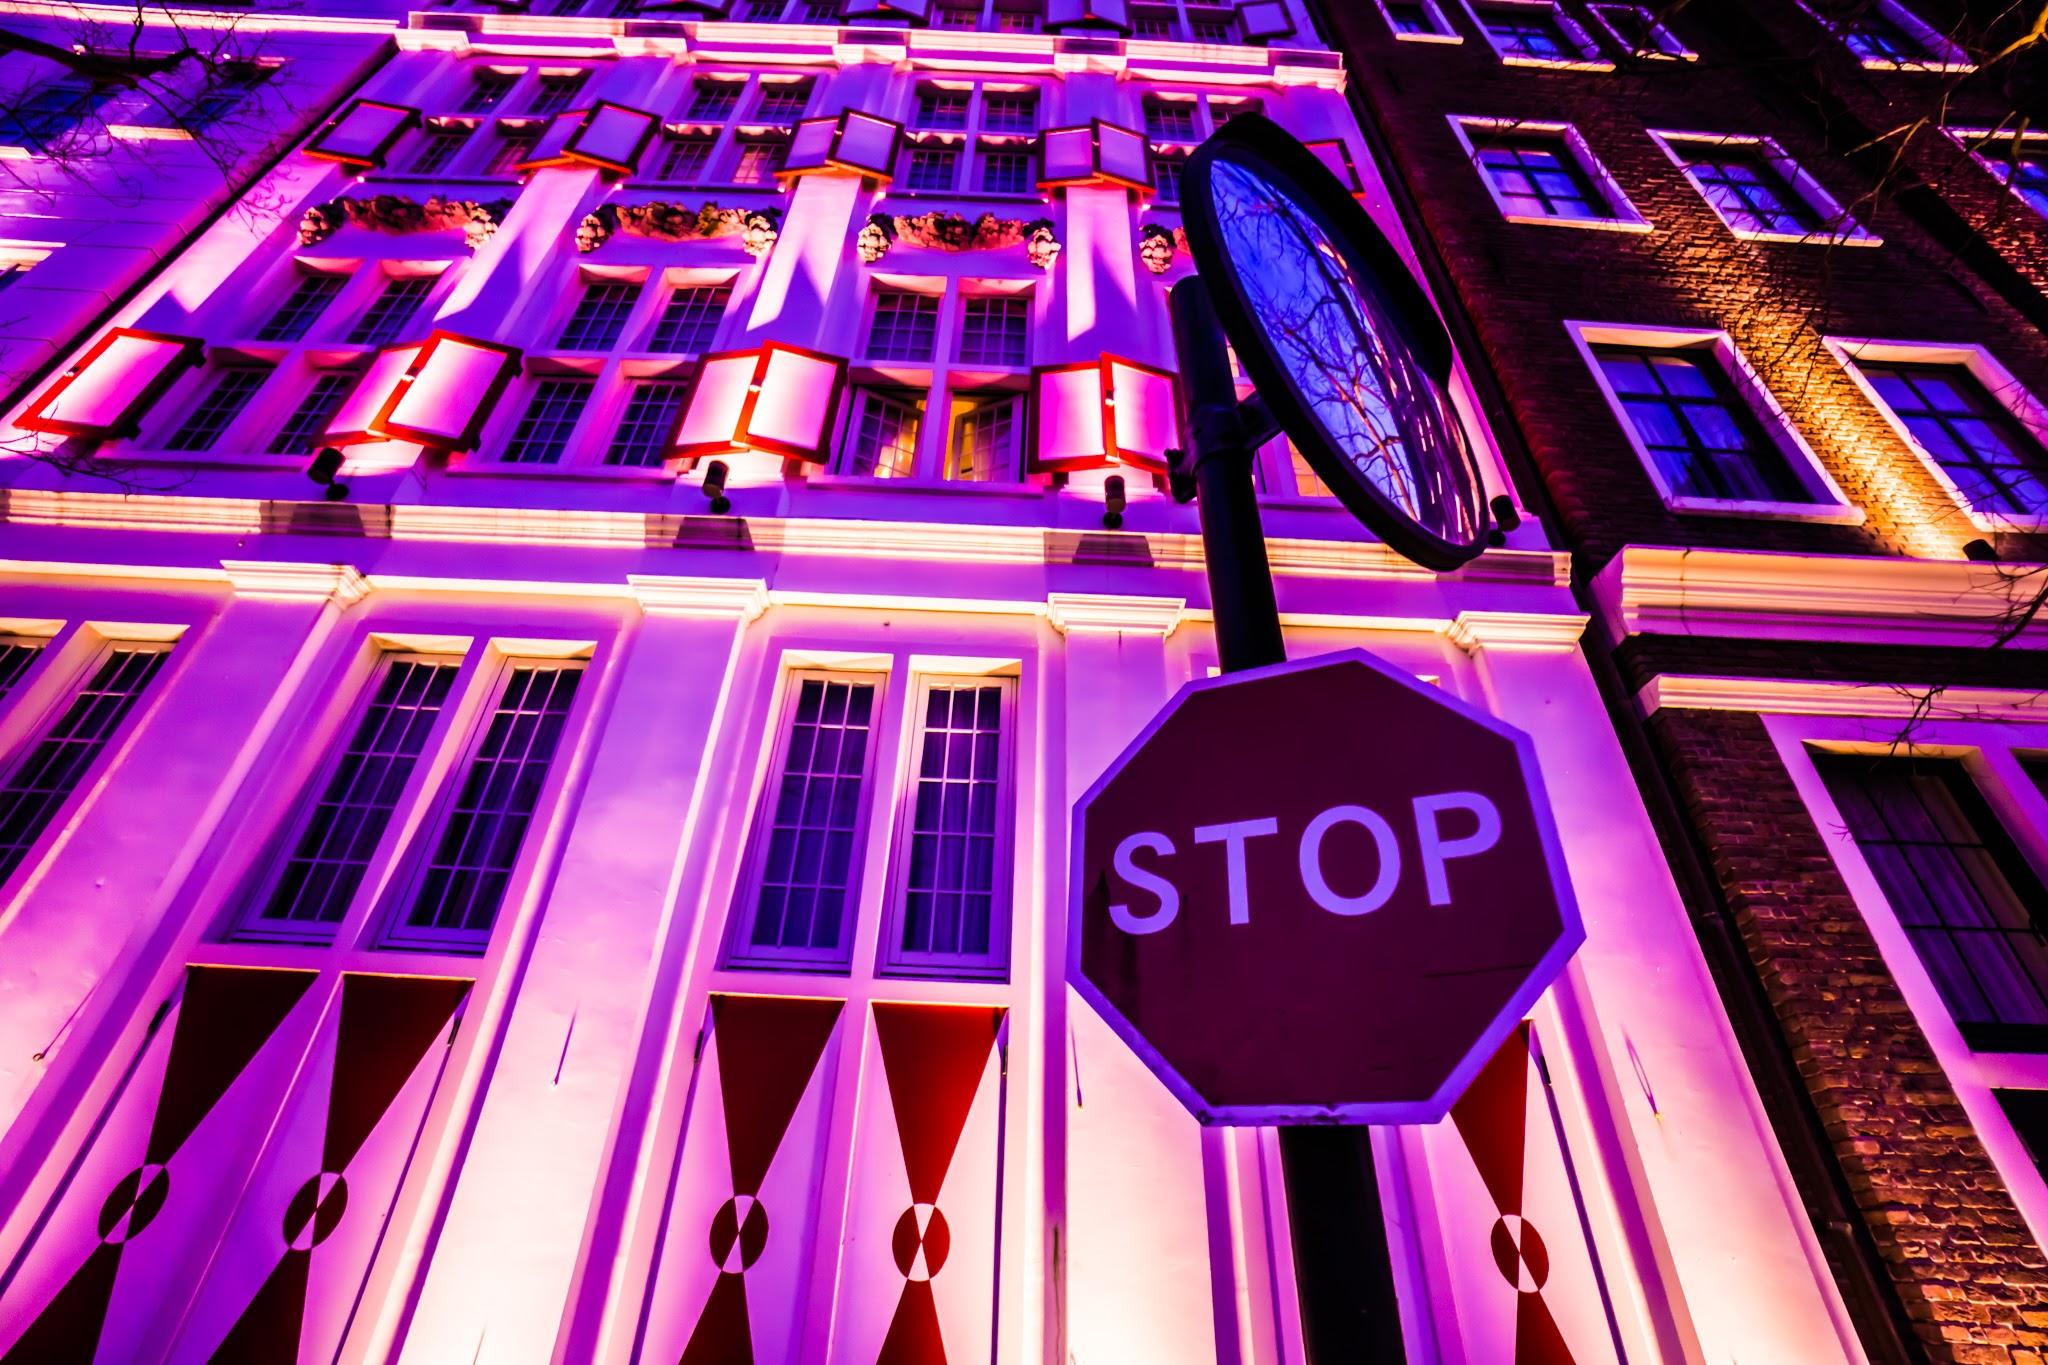 ハウステンボス イルミネーション 光の王国 アムステルダムシティ4